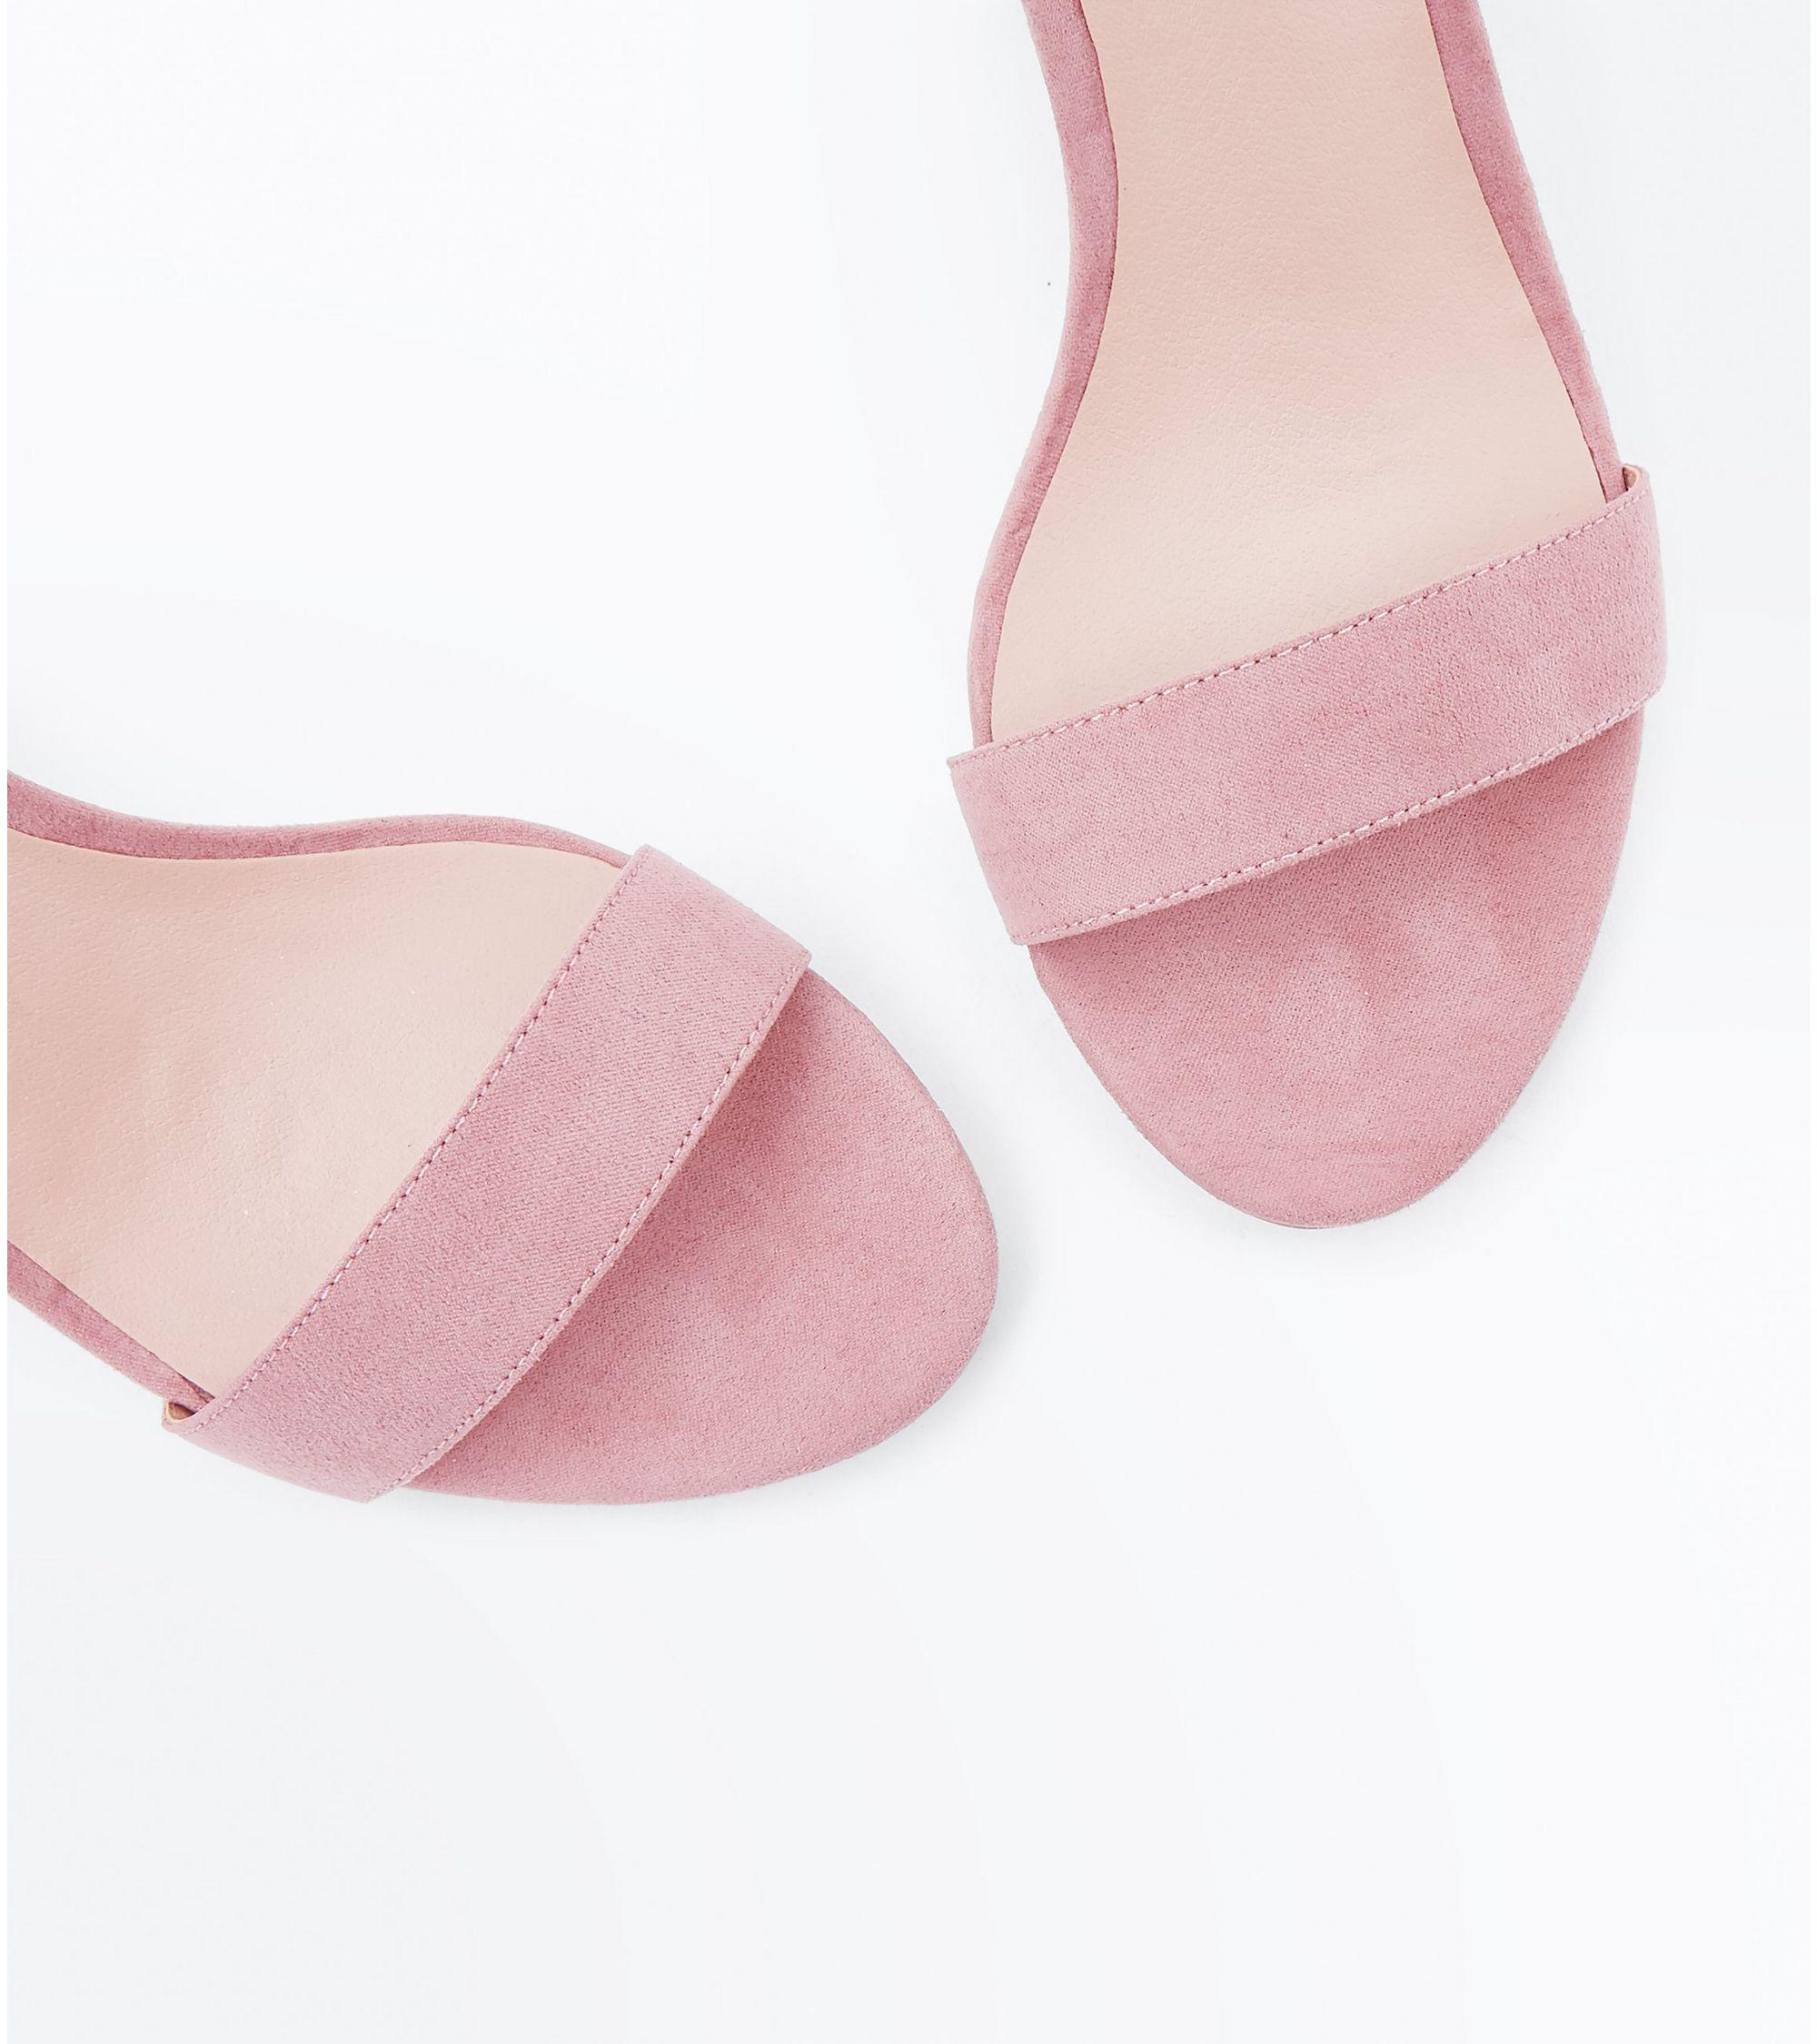 cc29352ec88 New Look Teens Pink Suedette Block Heel Sandals at £13.99